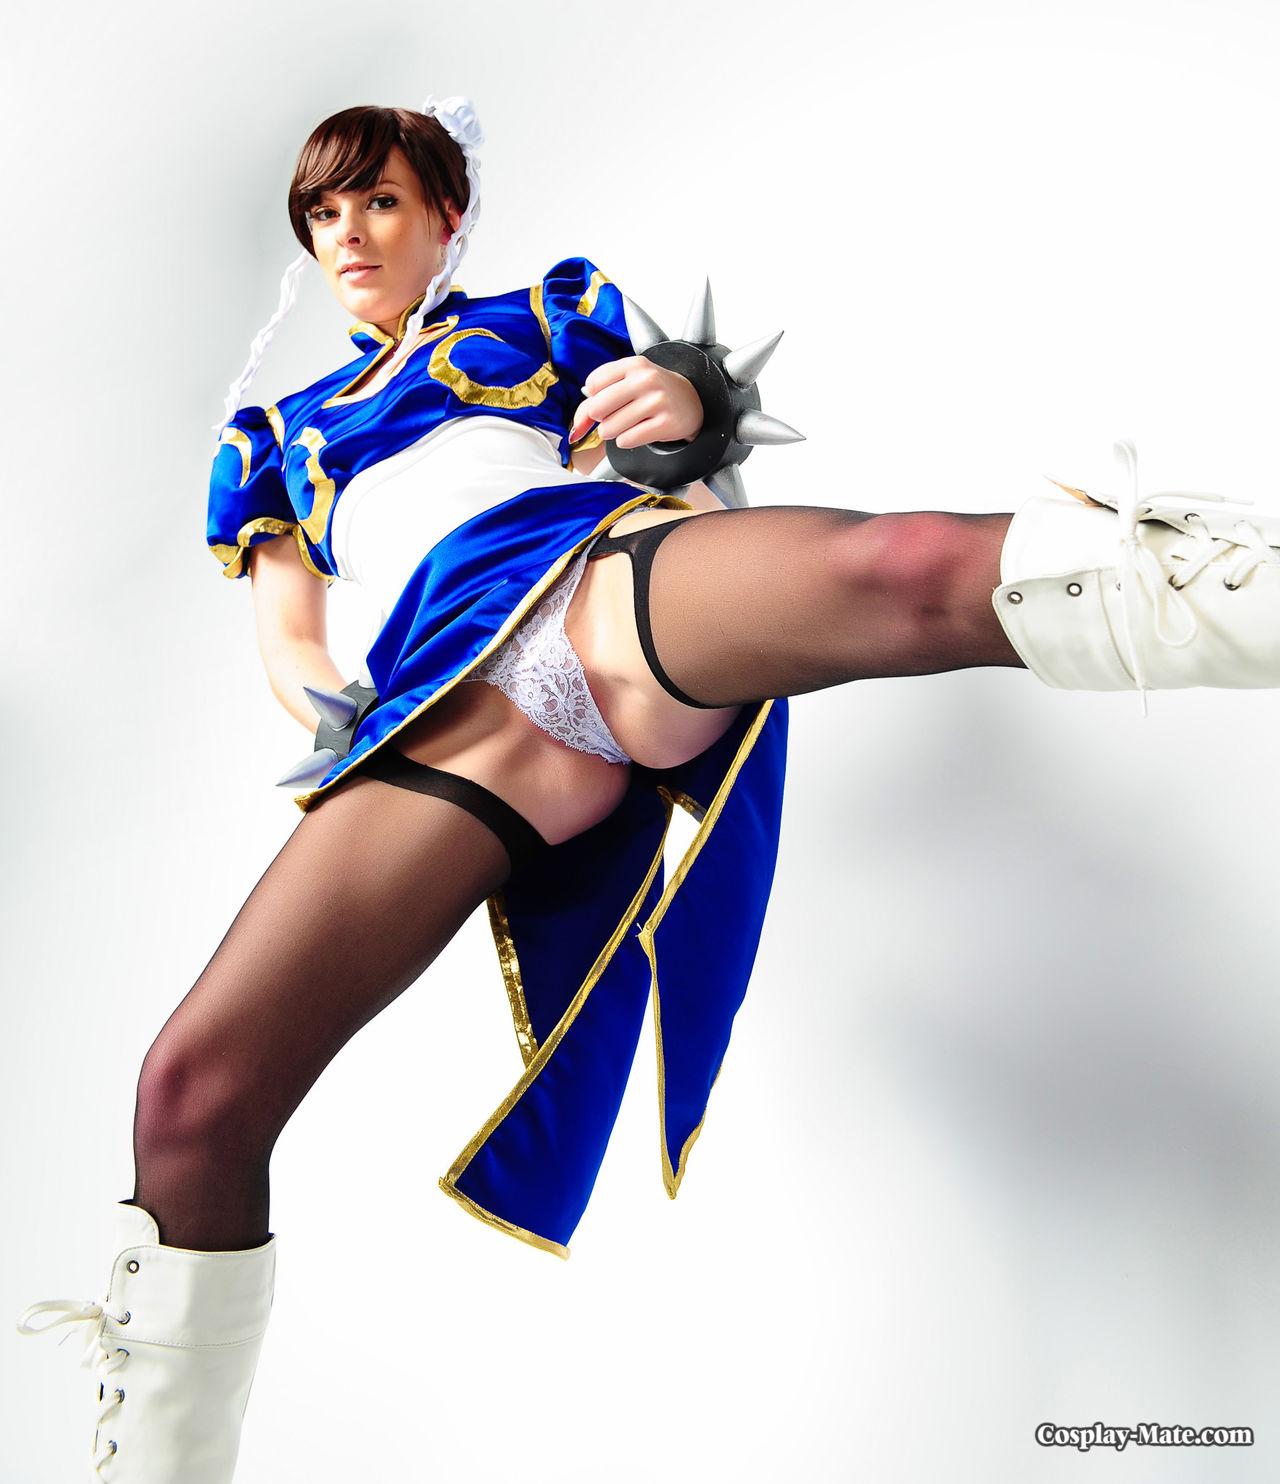 Street fighter chun li nude